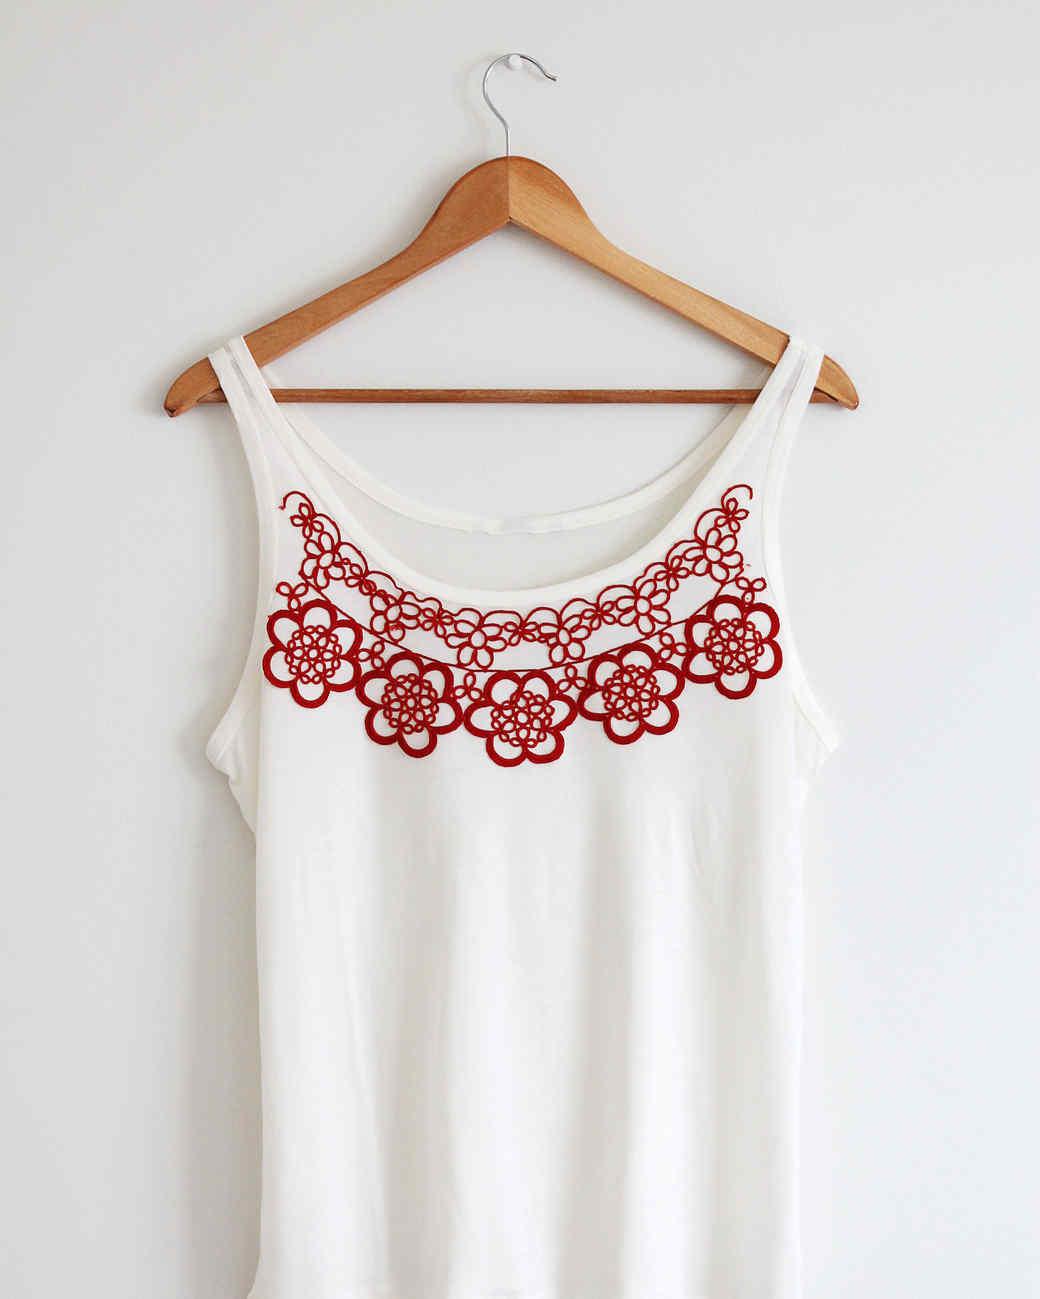 Doily Shirt